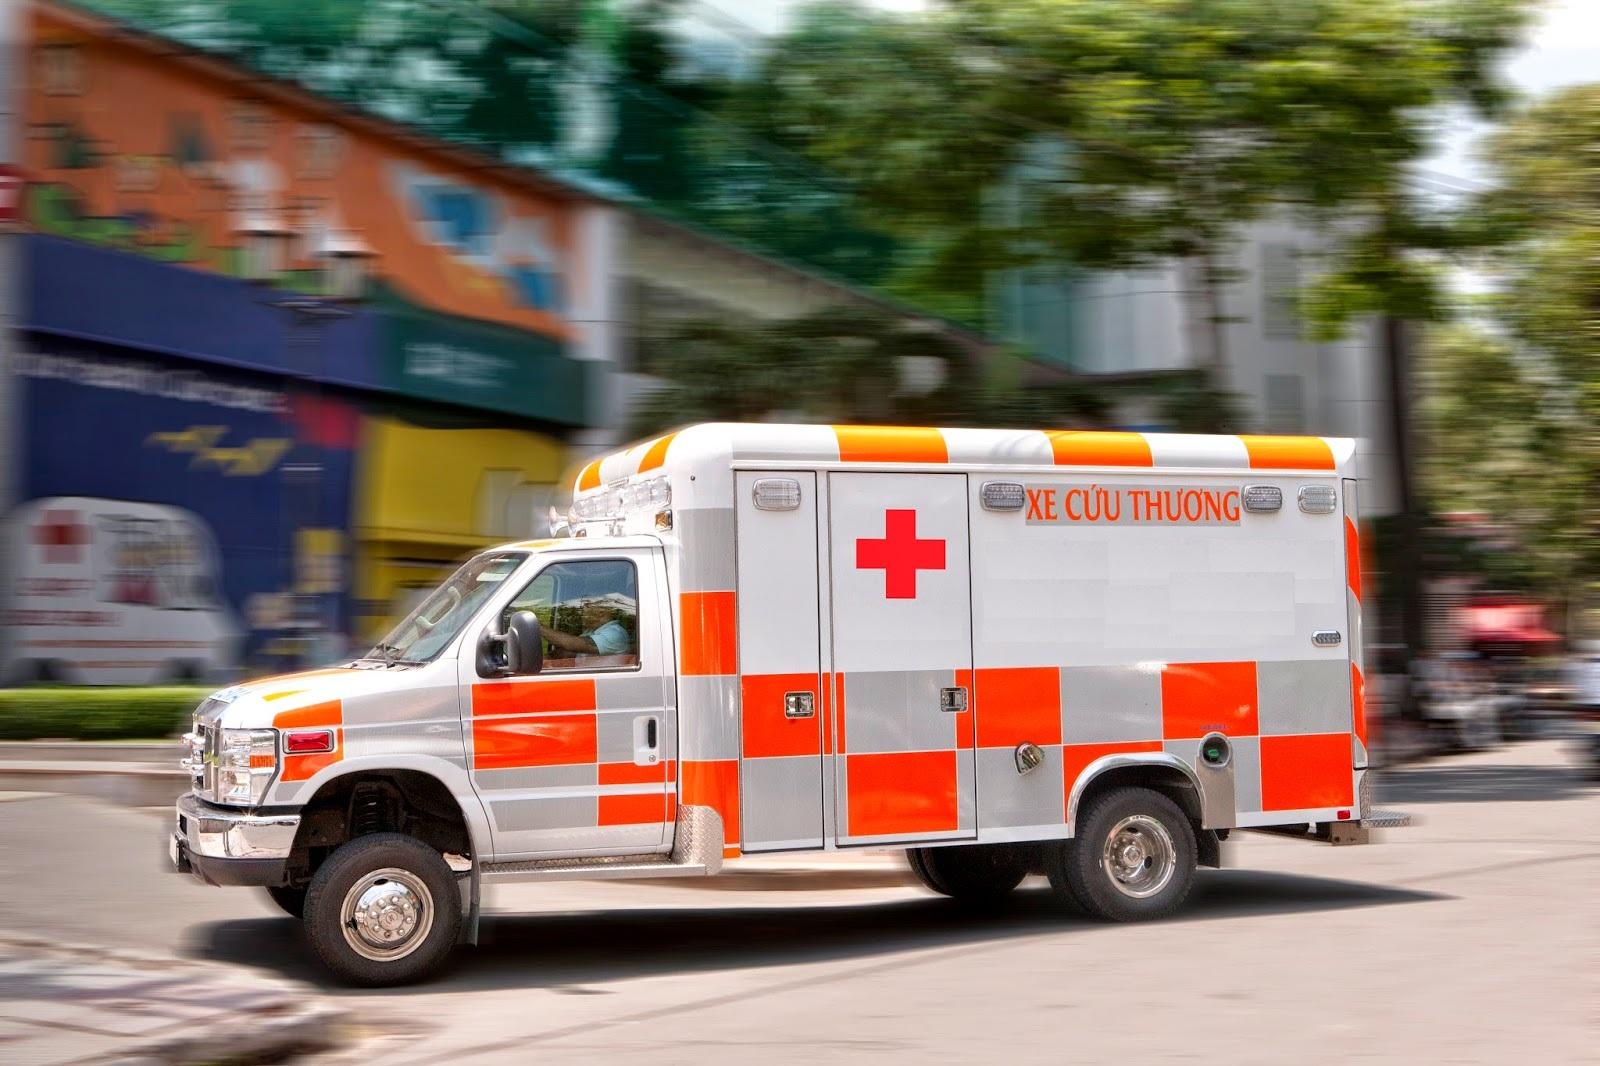 Cần có biện pháp quản lý chặt chẽ các dịch vụ thuê bên ngoài bệnh viện